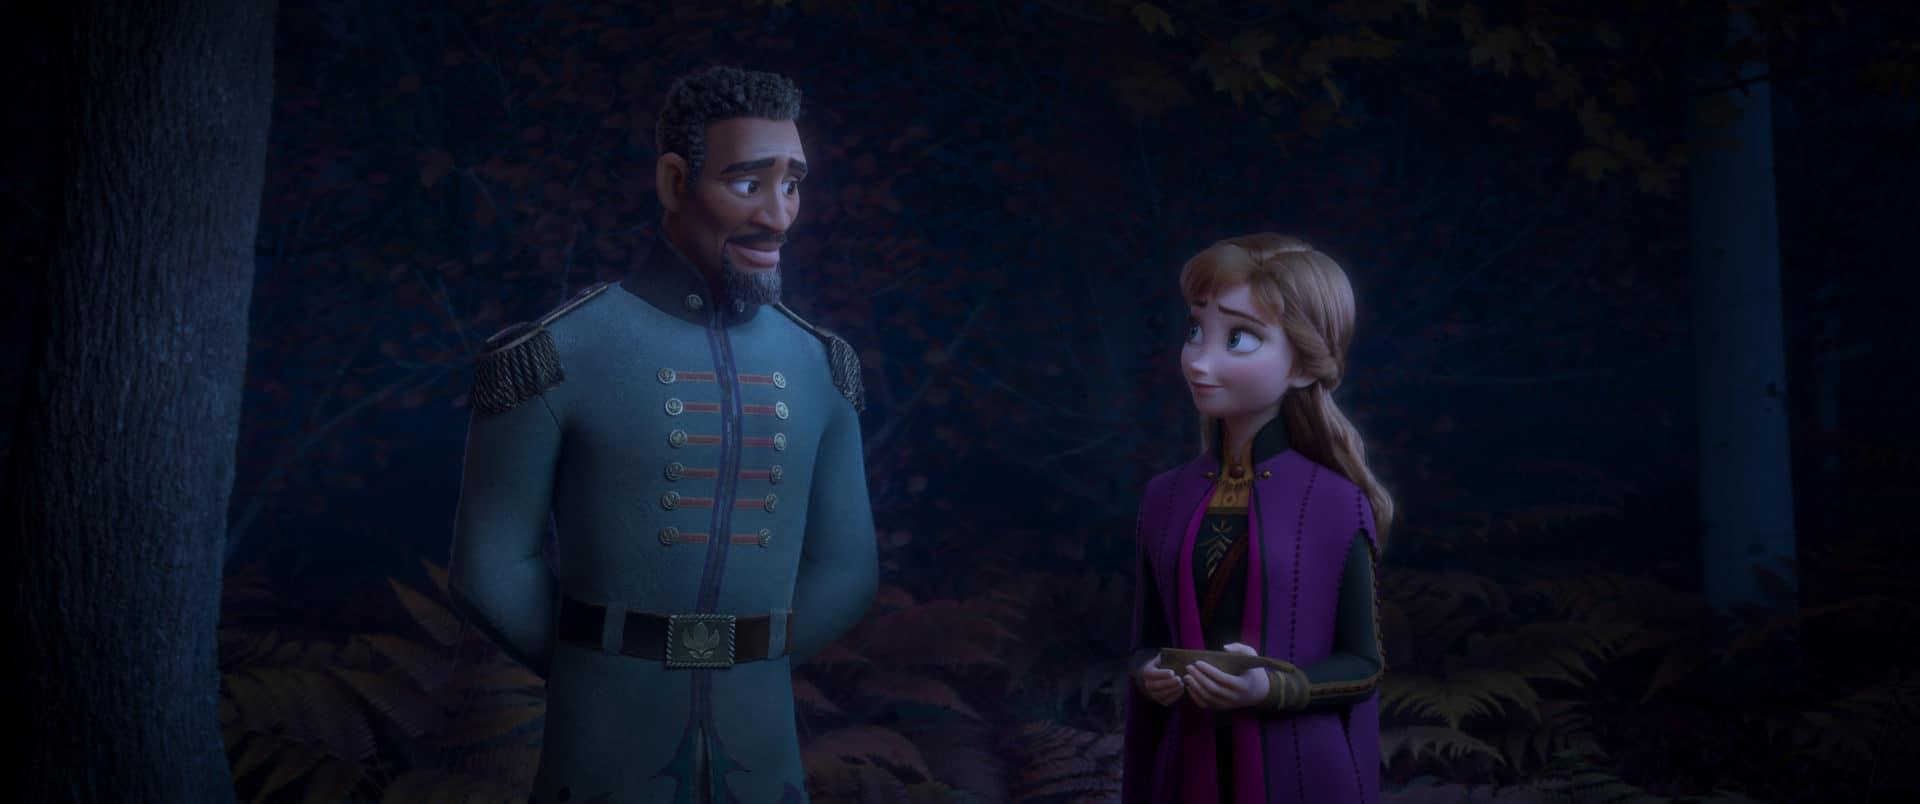 Chapéu Seletor: de quais casas de Hogwarts seriam os personagens de Frozen?